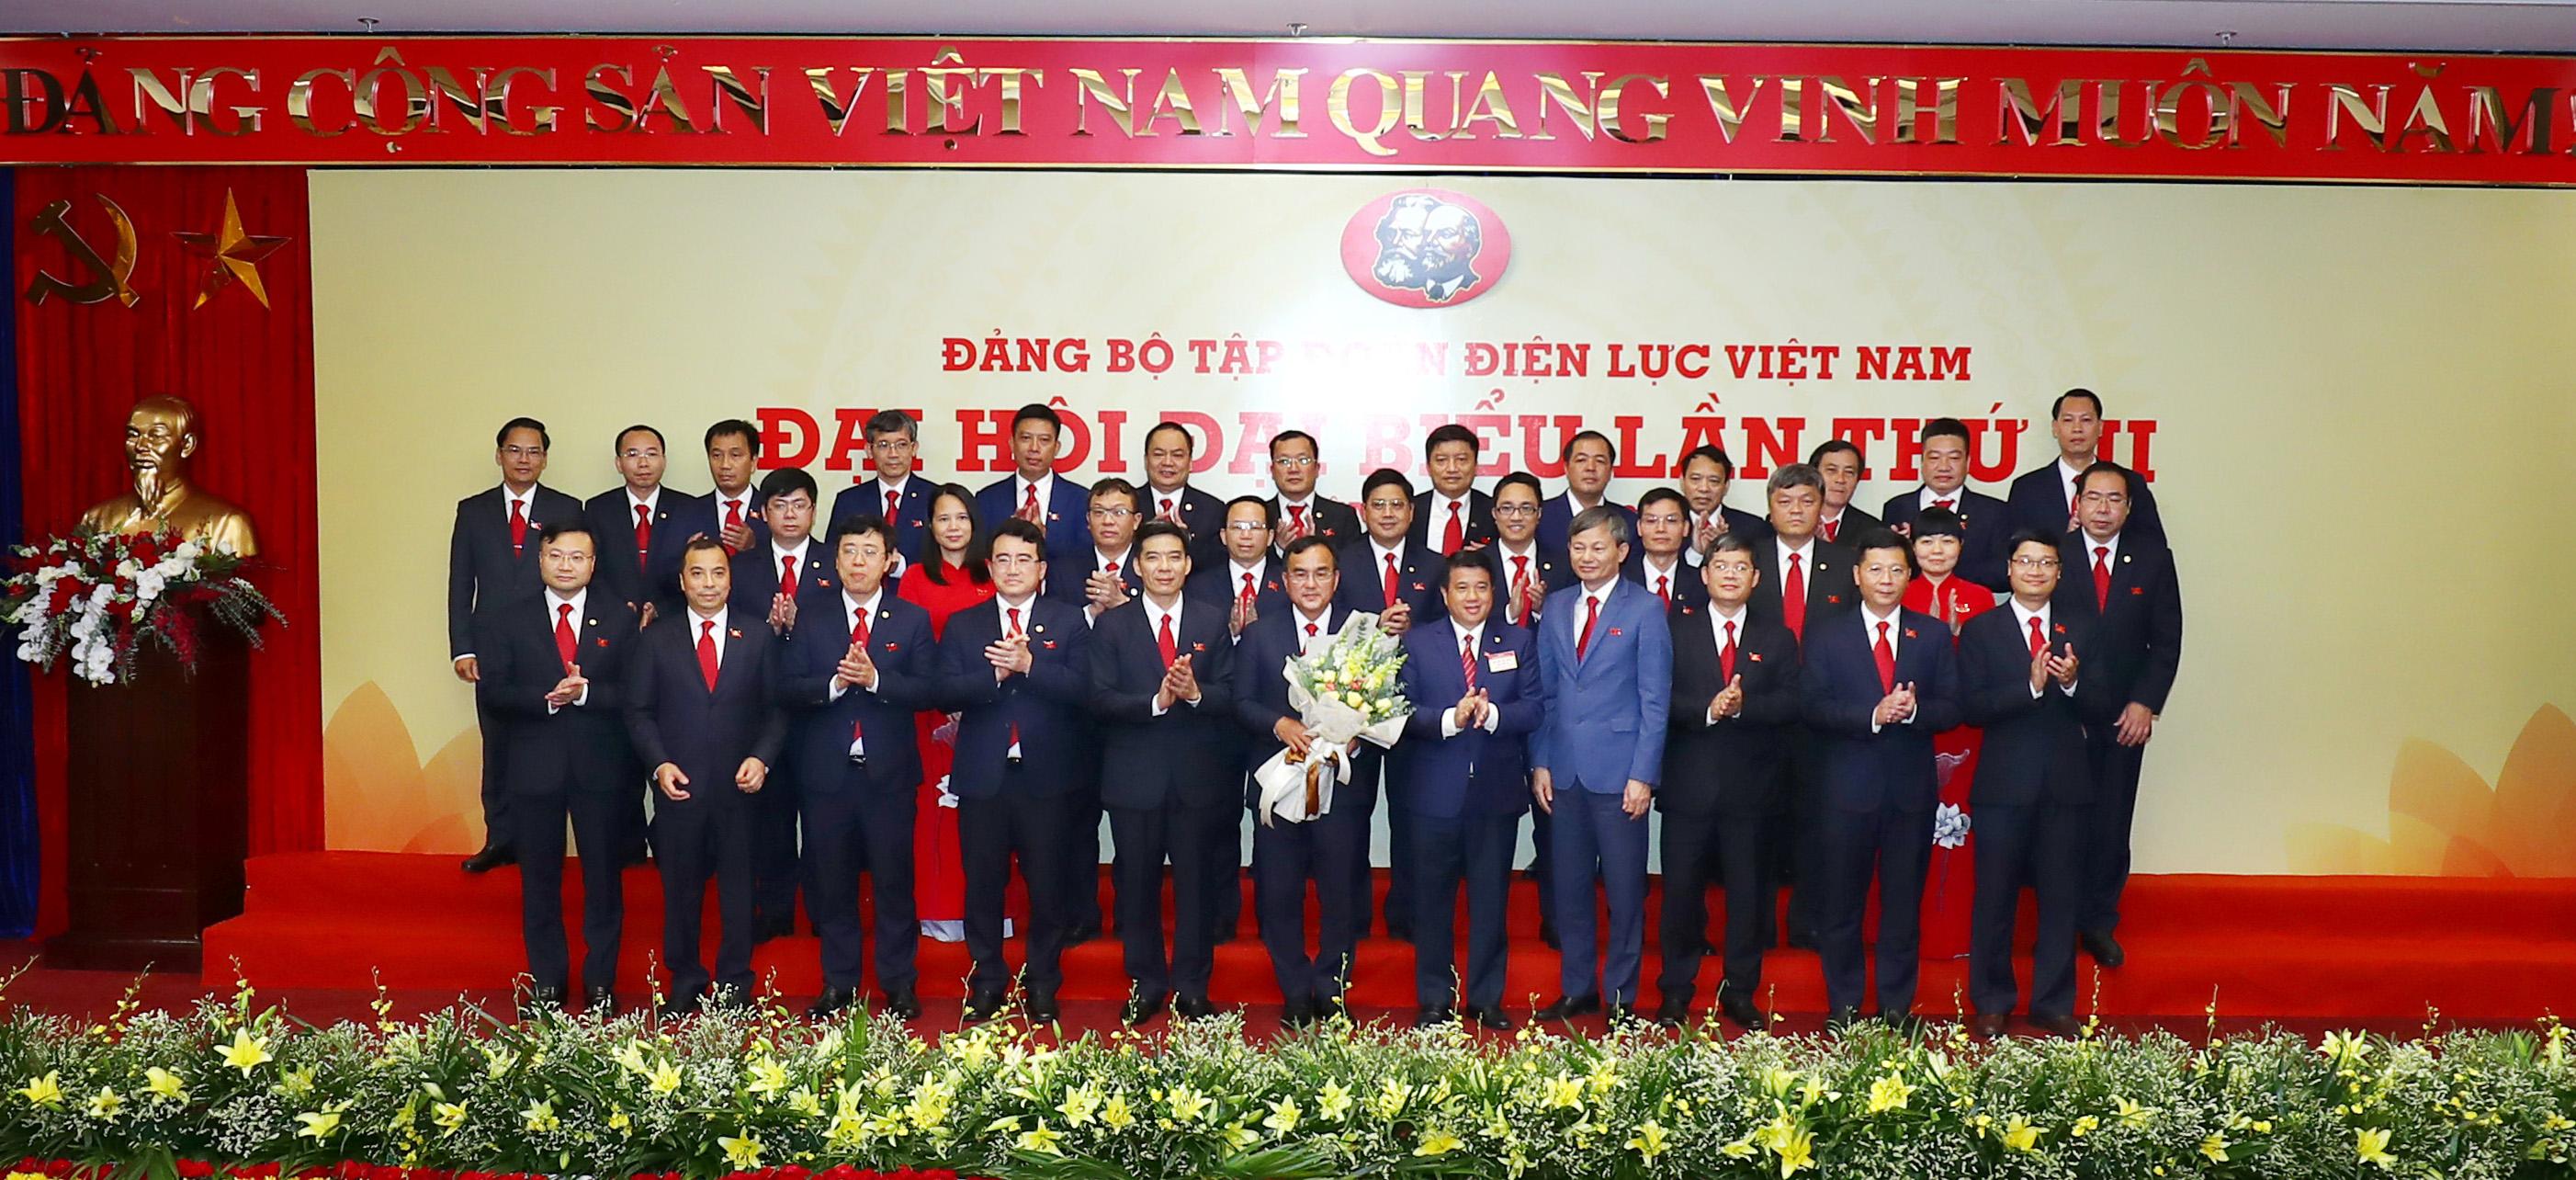 Đảng bộ EVN tiếp tục lãnh đạo thực hiện đảm bảo an ninh năng lượng quốc gia